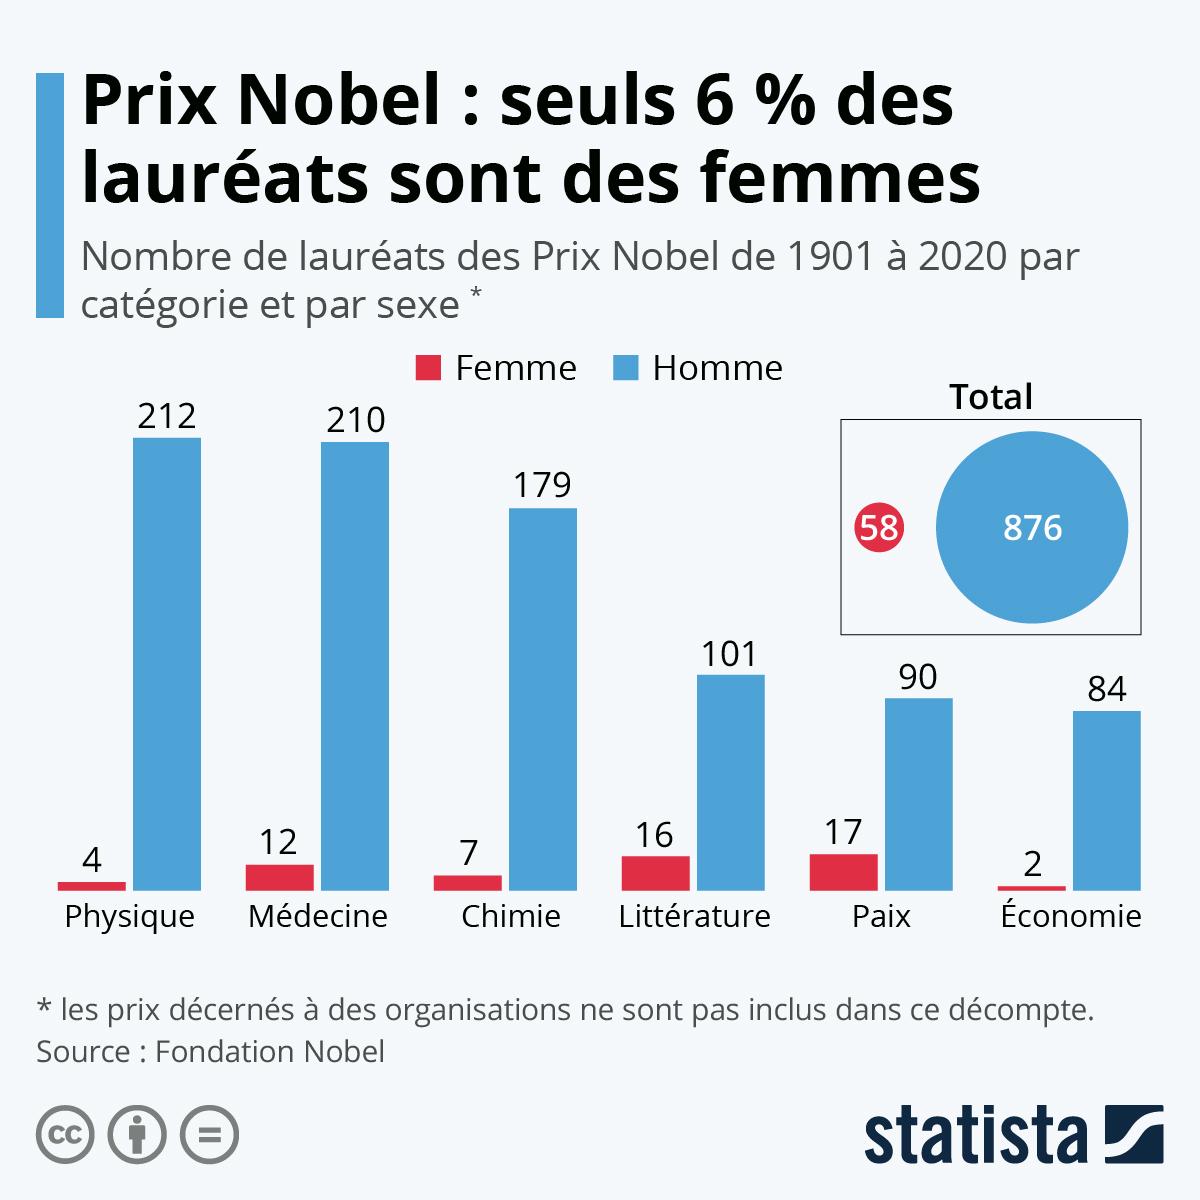 Infographie: Prix Nobel : vers plus de femmes lauréates | Statista